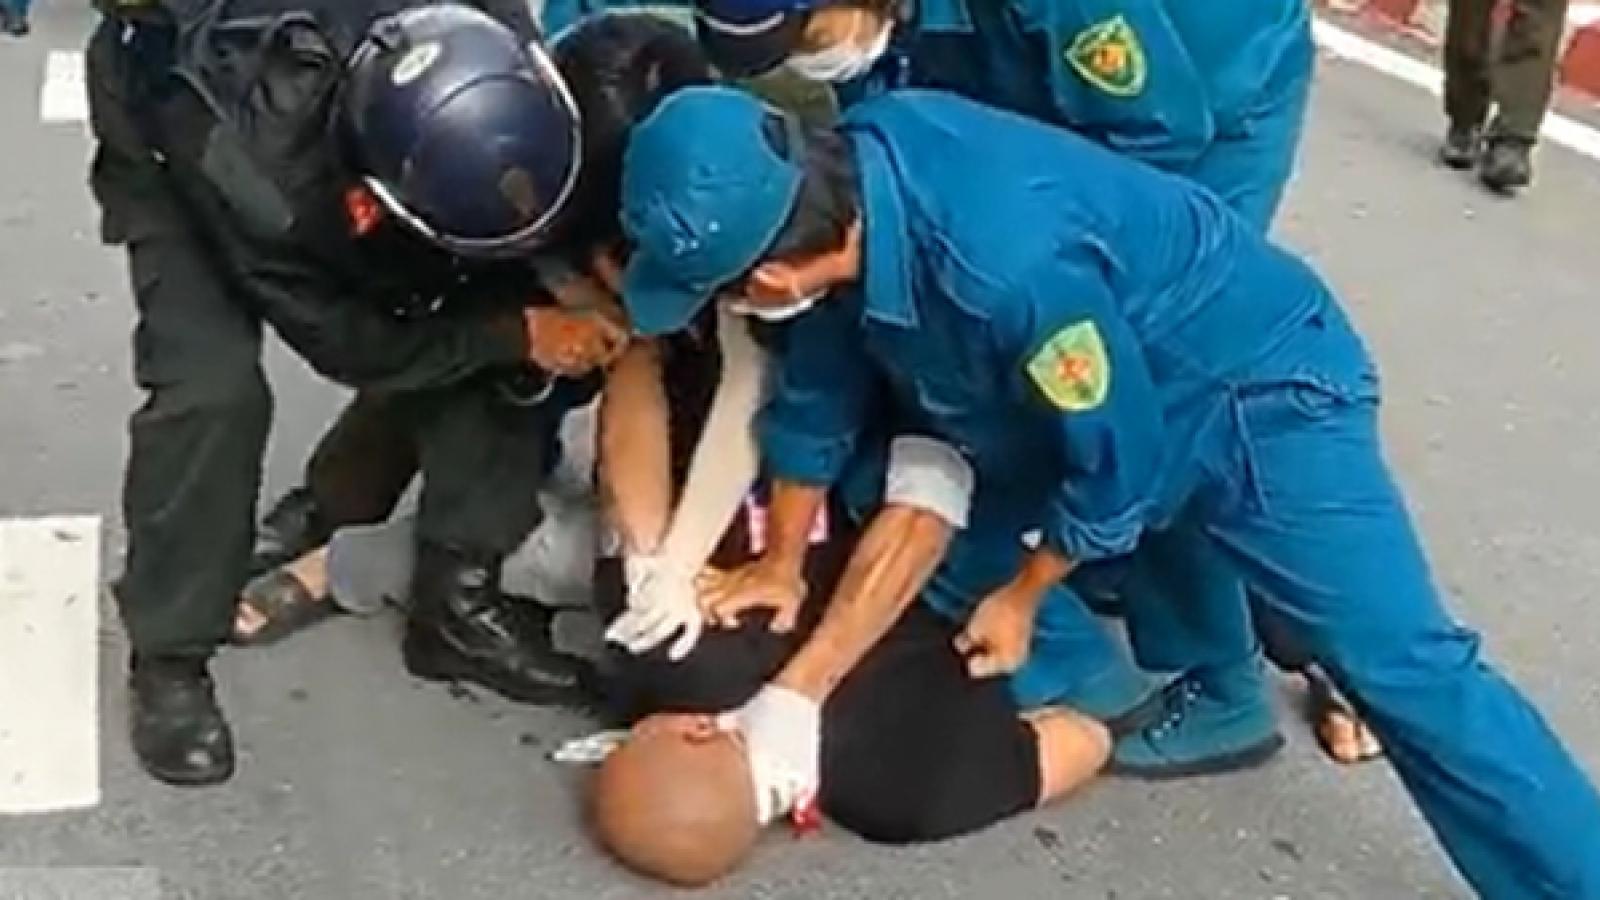 Nóng 24h: Thanh niên vượt chốt kiểm soát, dọa giết CSCĐ ở Bình Dương